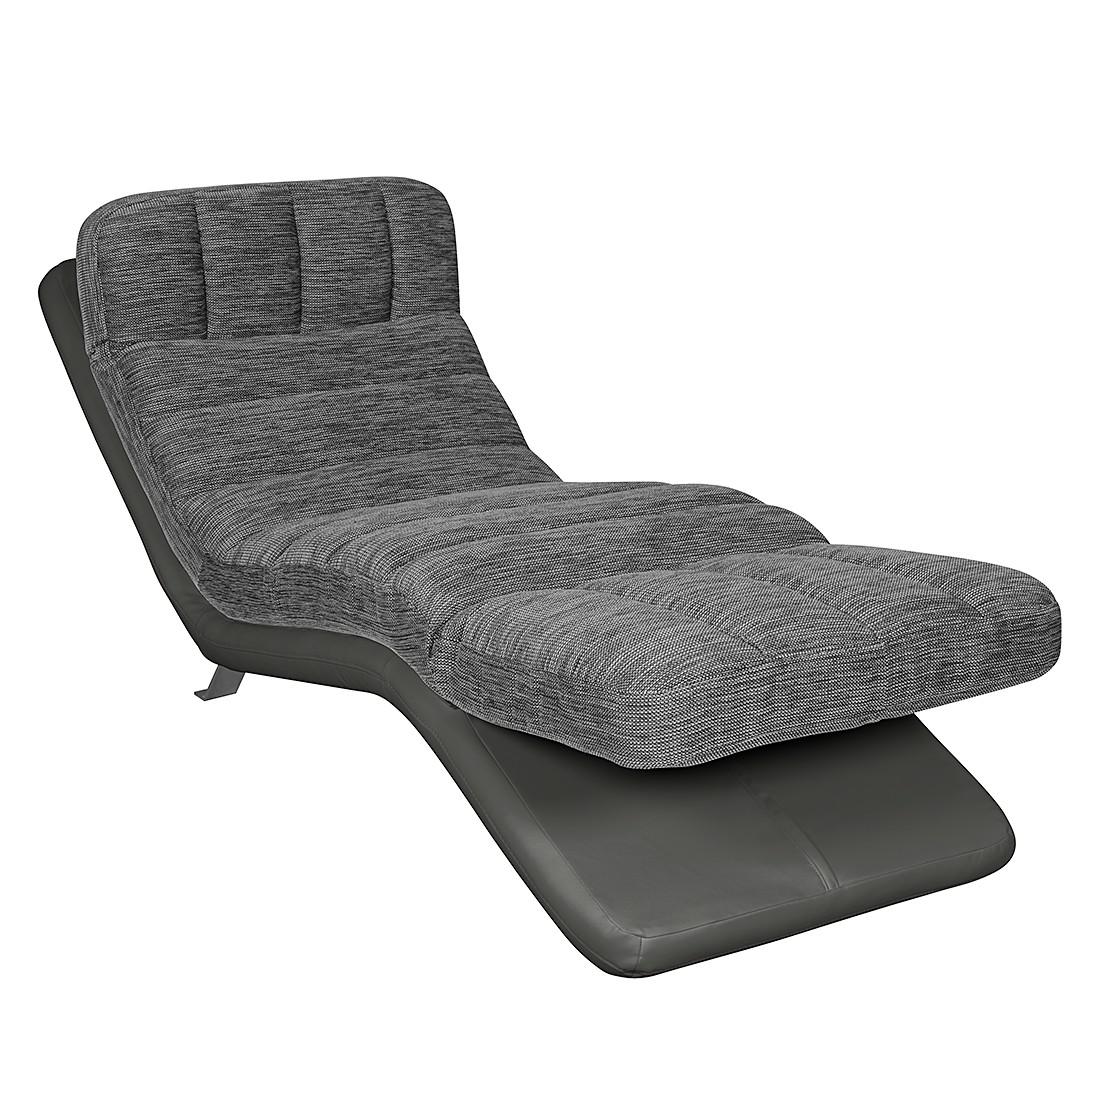 Relaxfauteuil Vascan - kunstleer/structuurstof wit/grijs - Grijs, Cotta